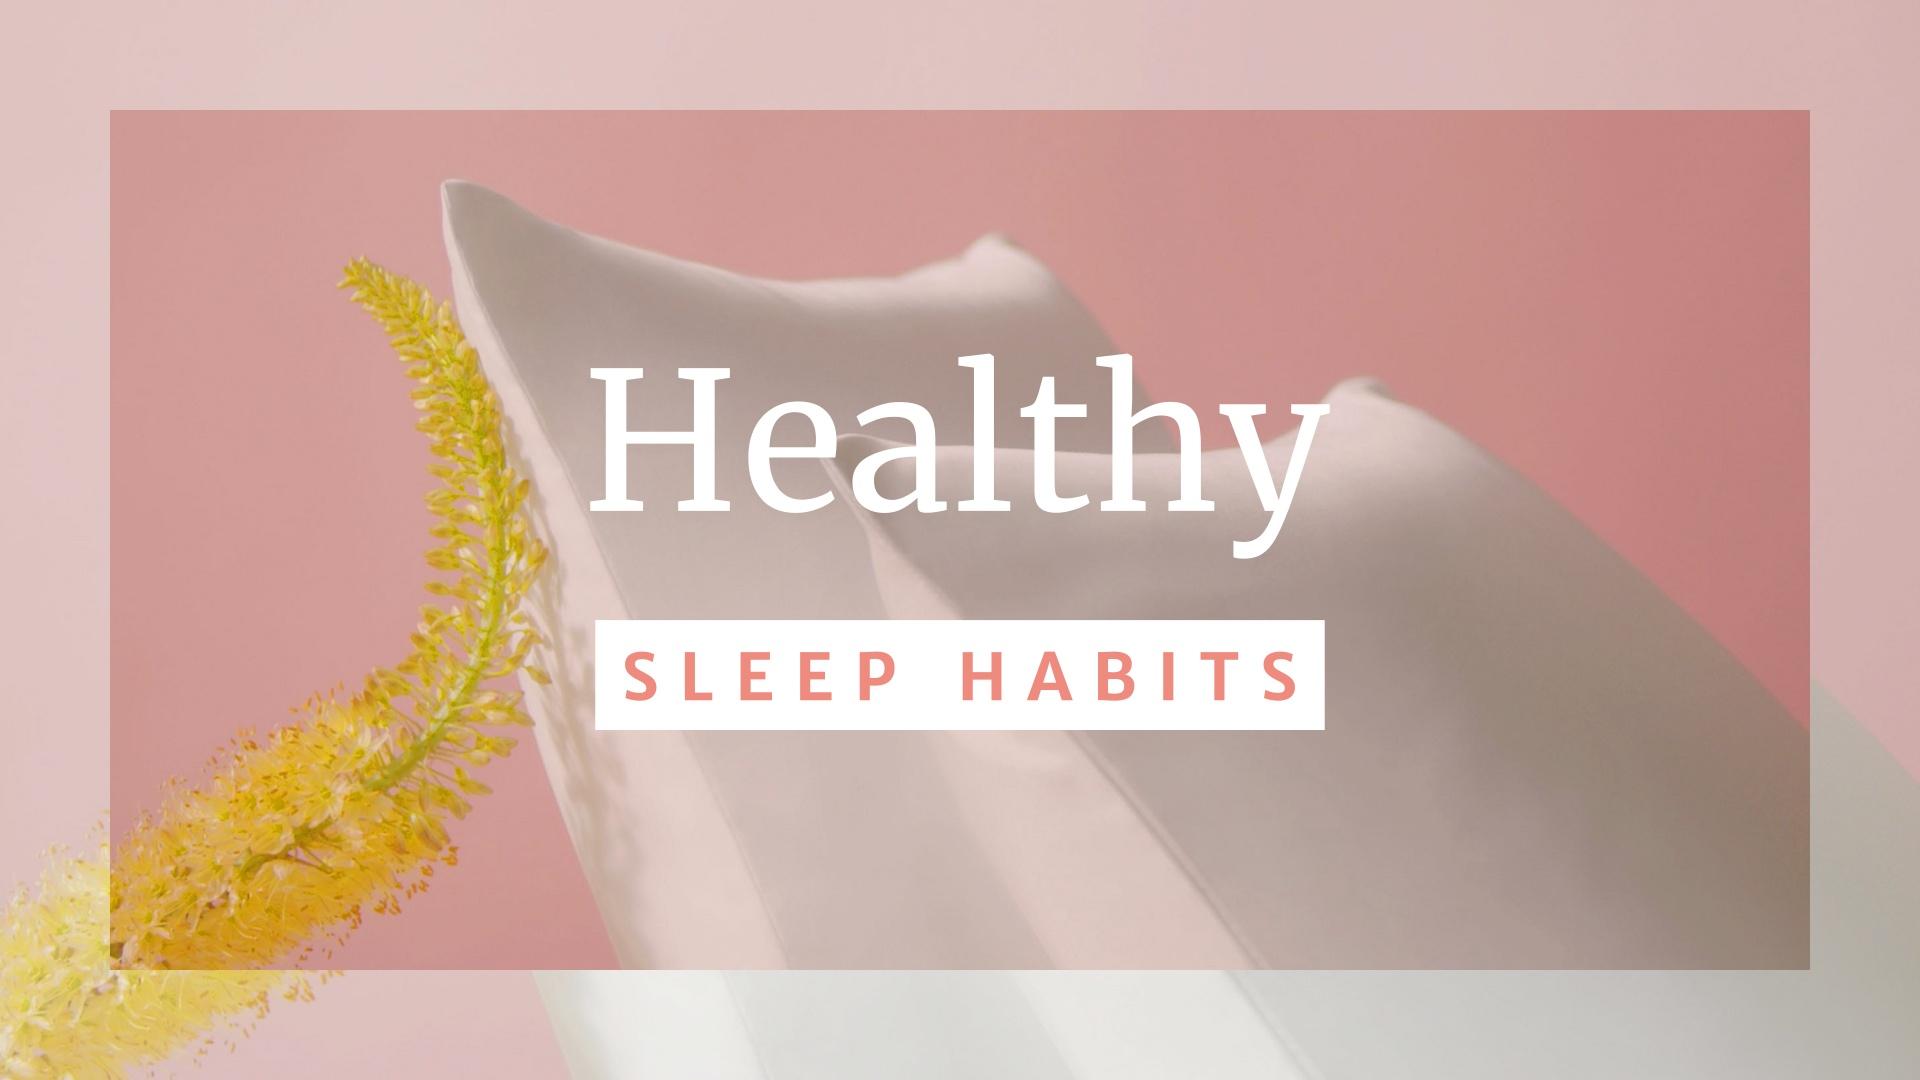 Scale: Healthy Sleep Habits